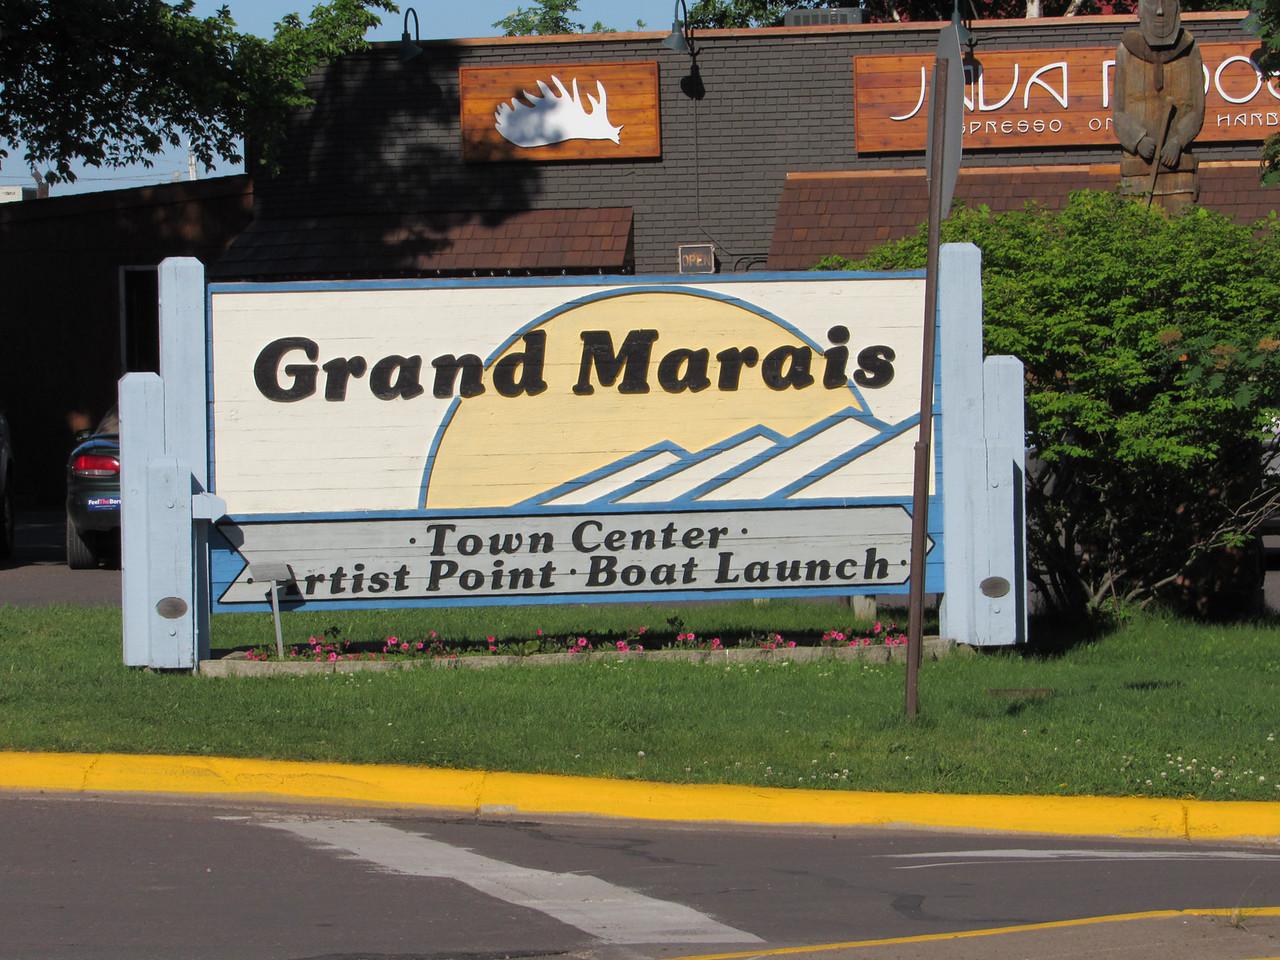 Grand Marais, Minnesota